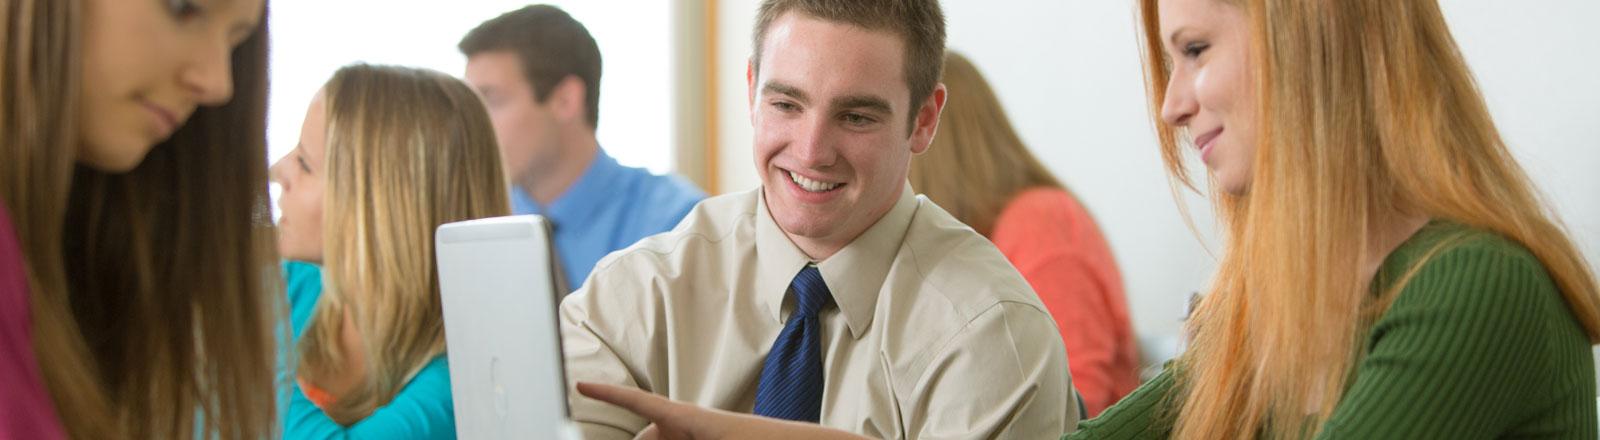 Students gathered looking at computer